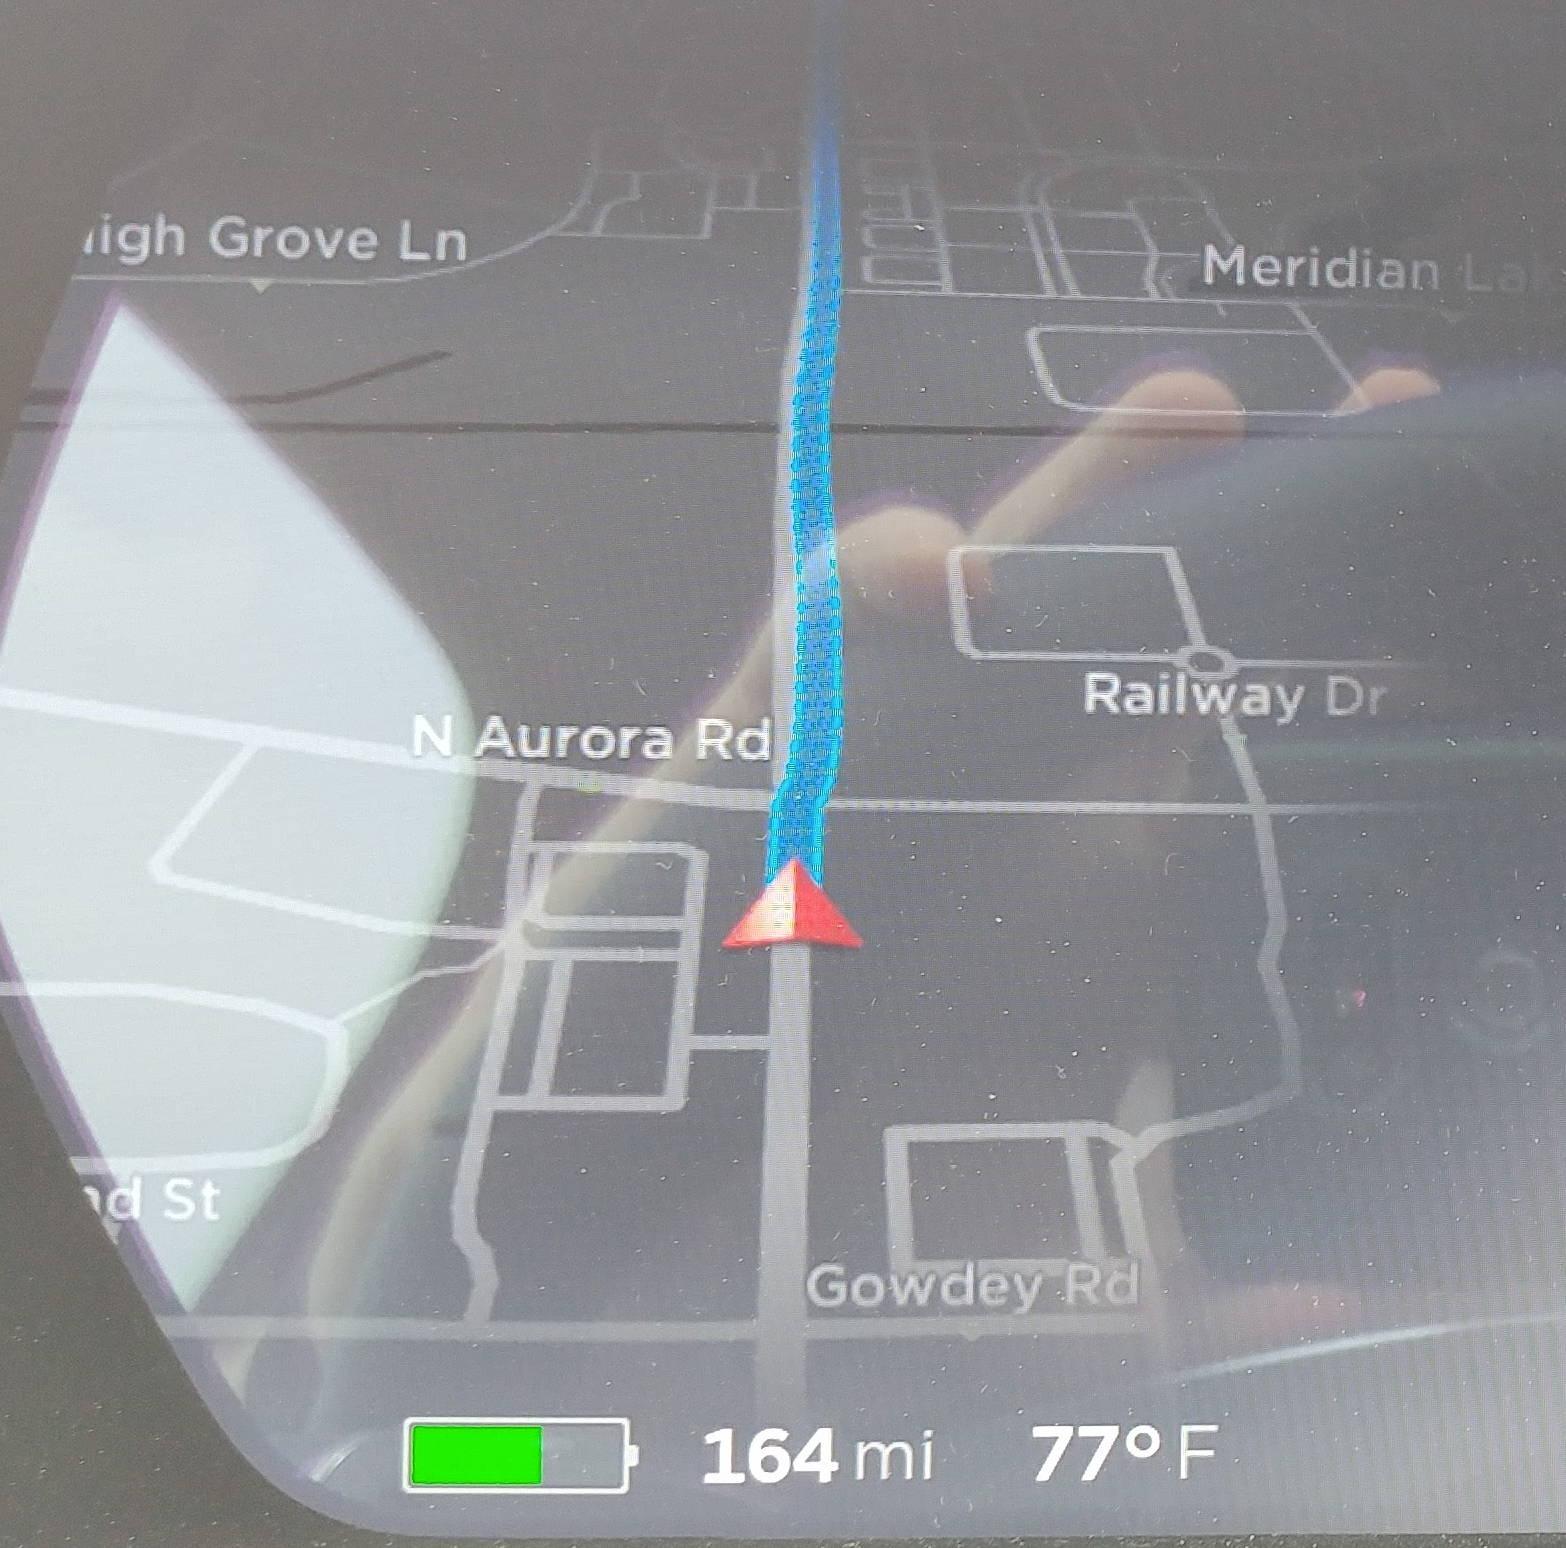 tesla-dash-no-next-turn-cropped.jpg